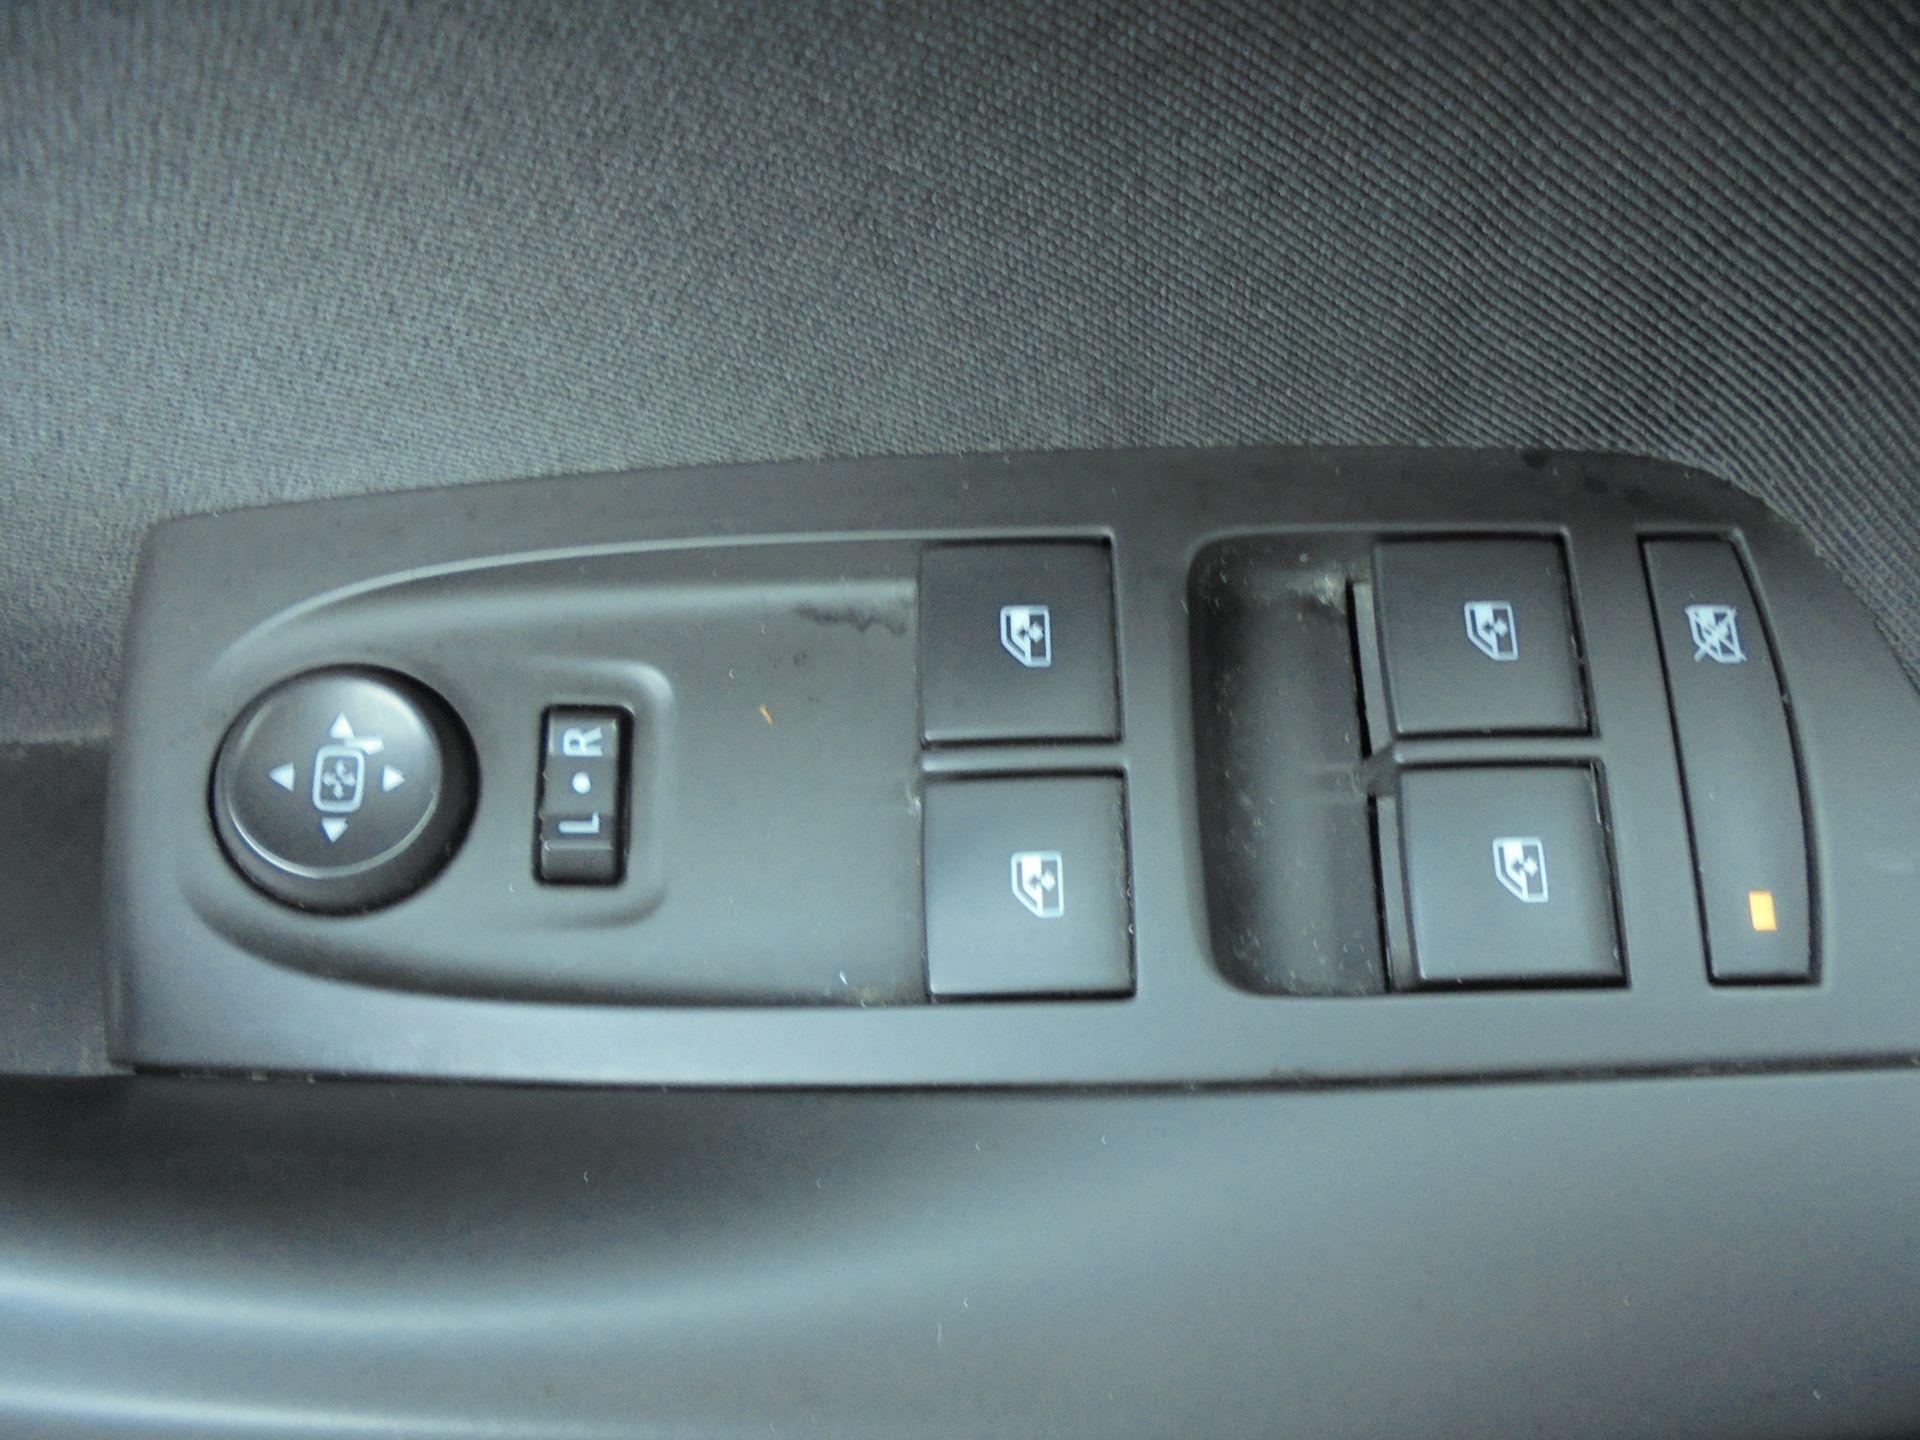 2018 Vauxhall Astra 1.6 Cdti 16V Ecoflex Sri Nav 5Dr (VE18TXA) Image 18